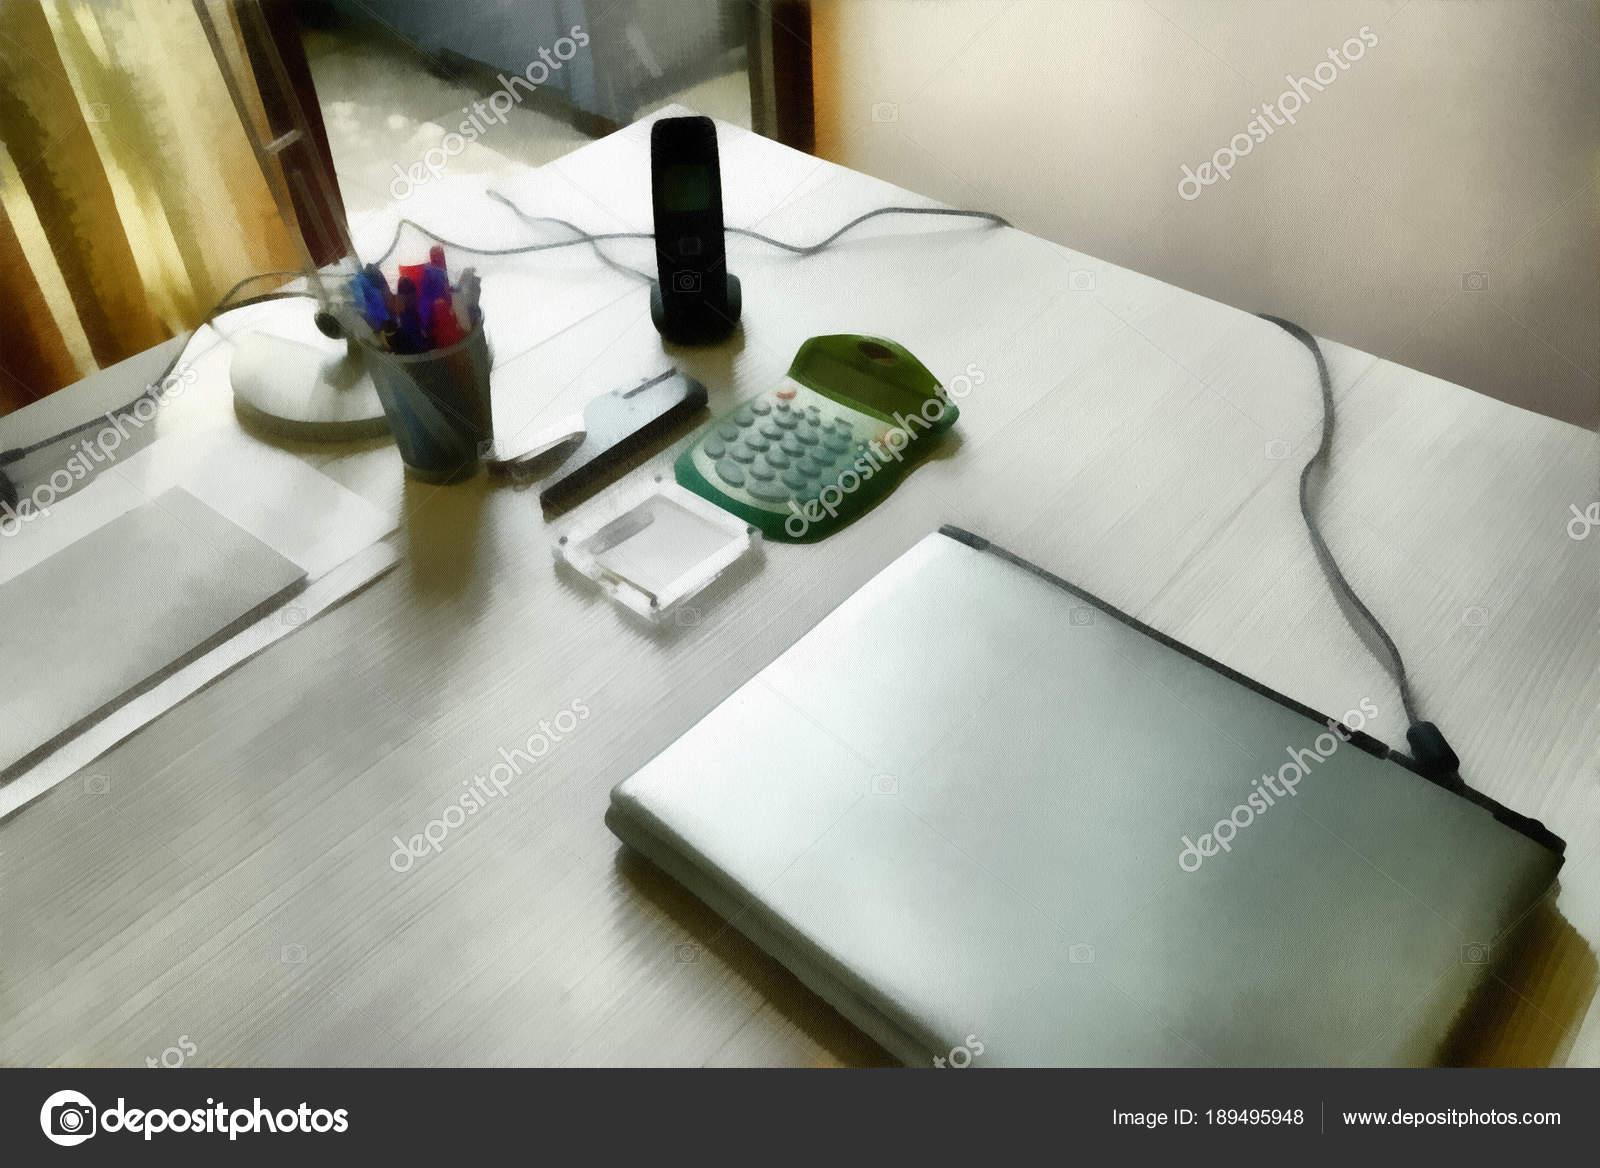 Arte digitale pittura accessori moderni per scrivania con computer